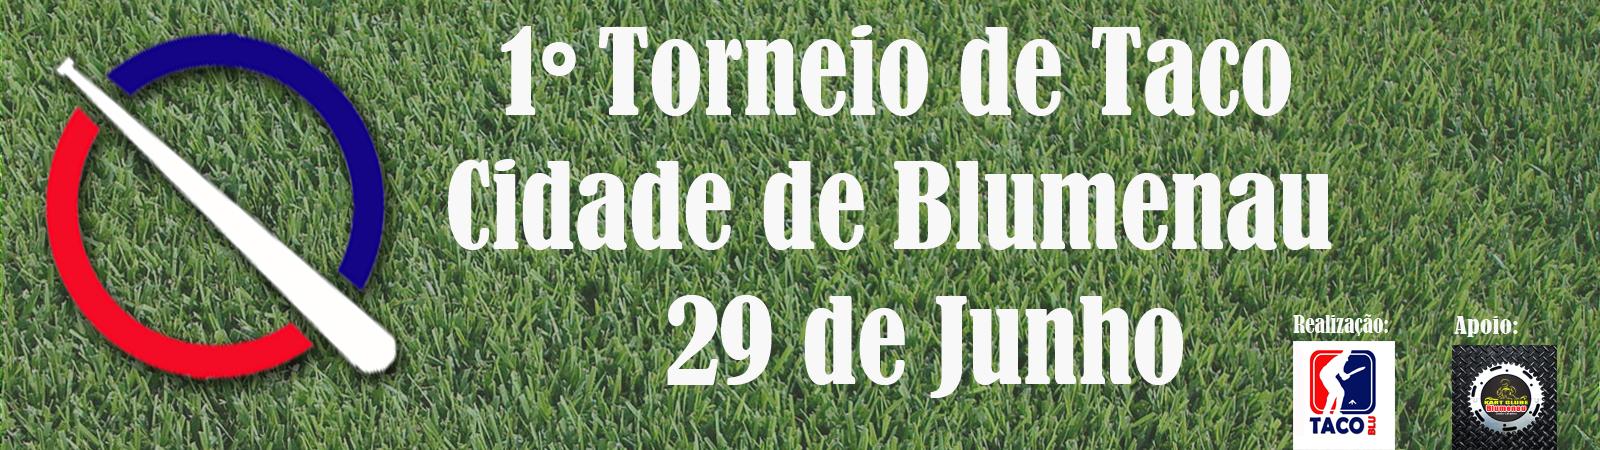 PRIMEIRO TORNEIO DE TACO CIDADE DE BLUMENAU